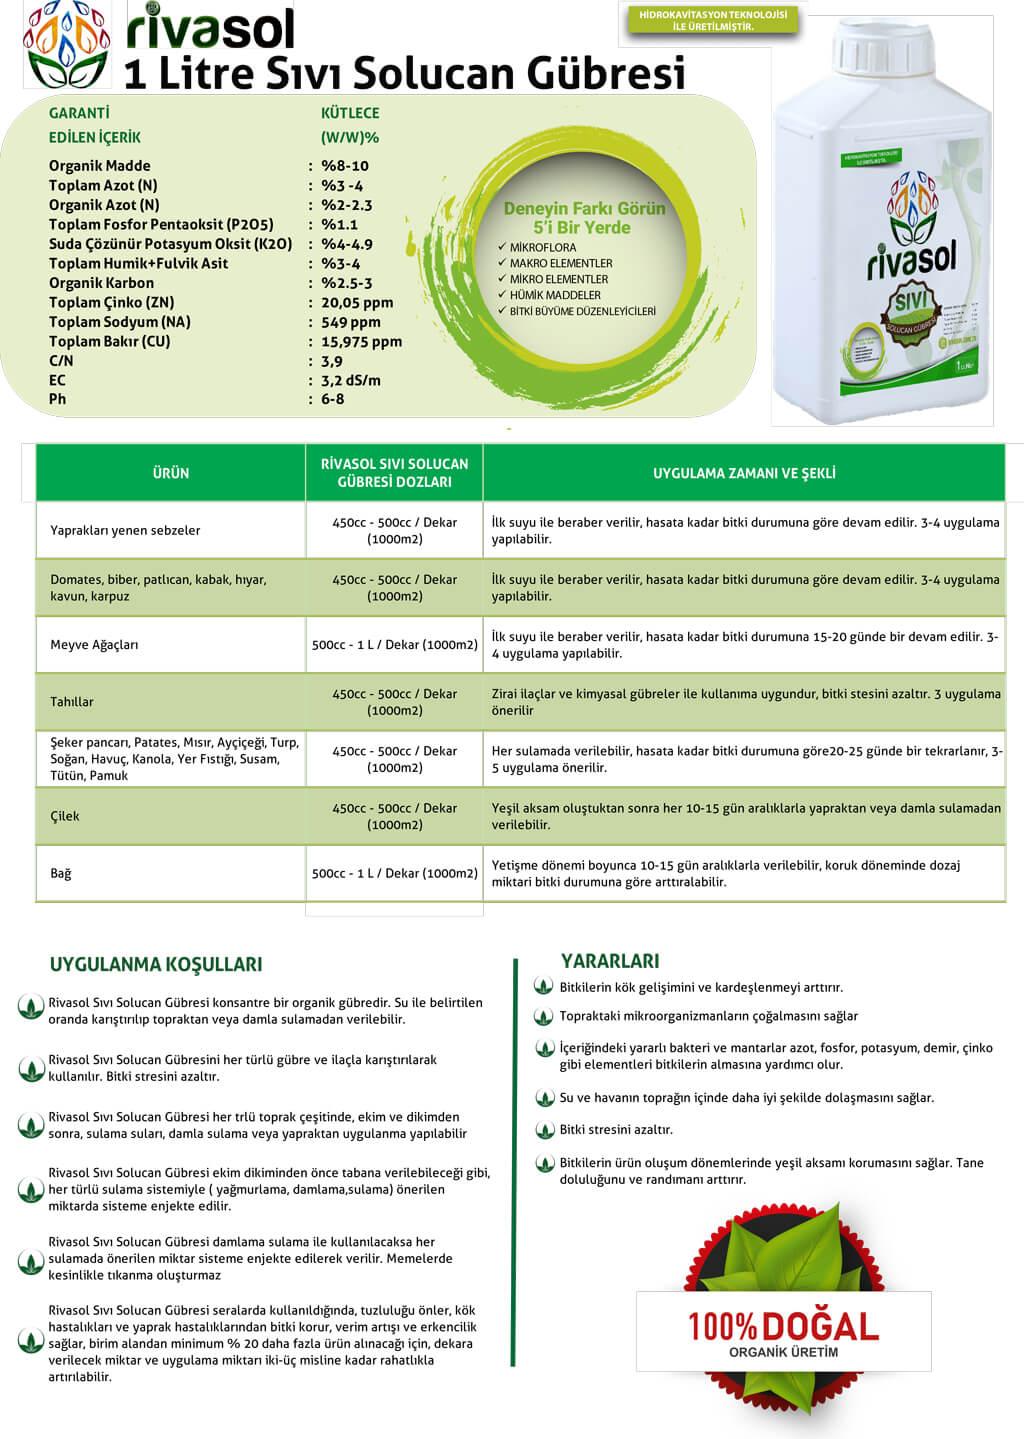 1 litre sıvı solucan gübresi içerik ve kullanım miktarları nedir?